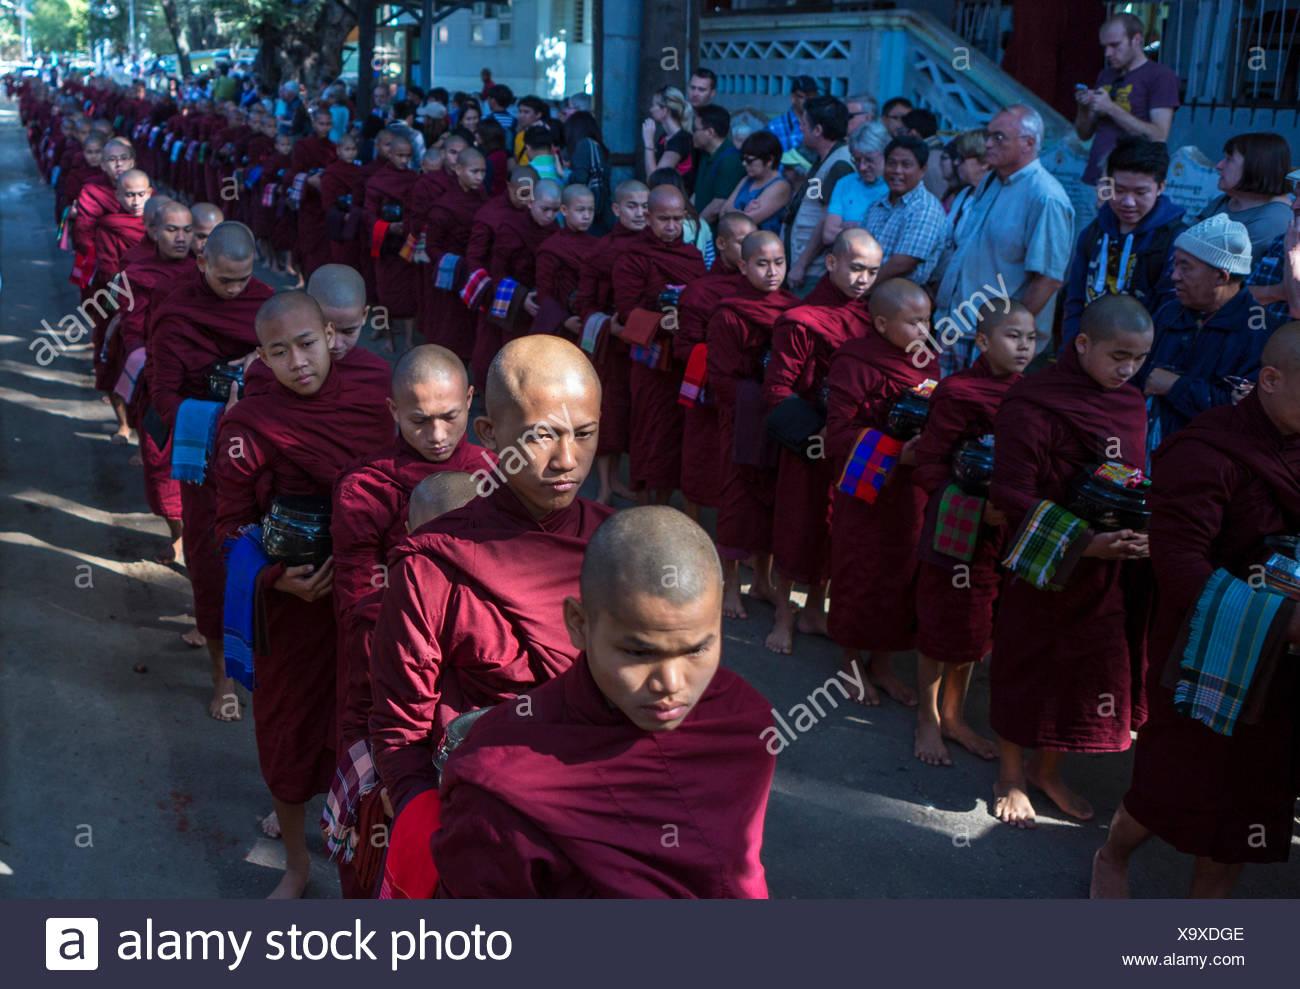 Mandalay MYANMAR Birmania Asia Parade attrazione cue distribuendo cibo monastero monaci pregare la religione ai turisti la tradizione Immagini Stock